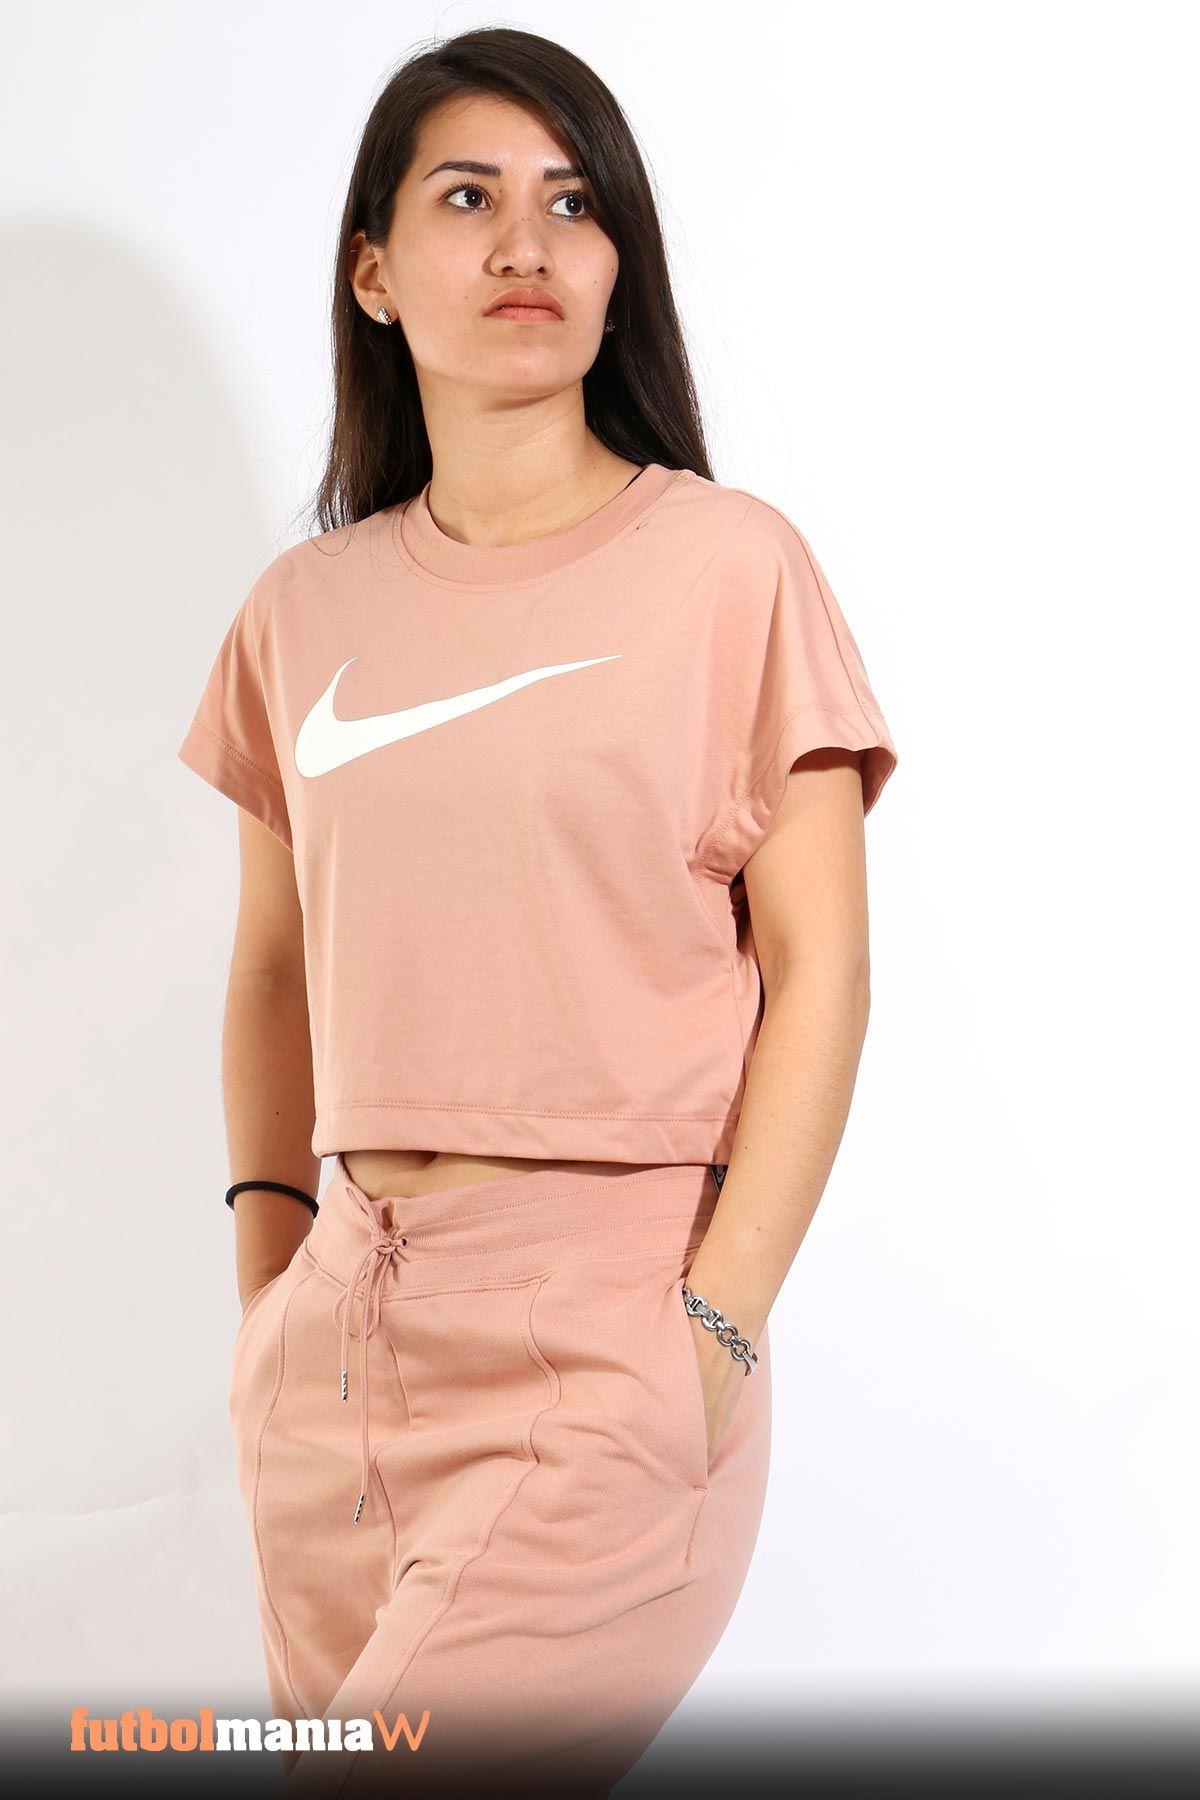 Camiseta manga corta Nike Swoosh mujer (con imágenes) | Nike ...